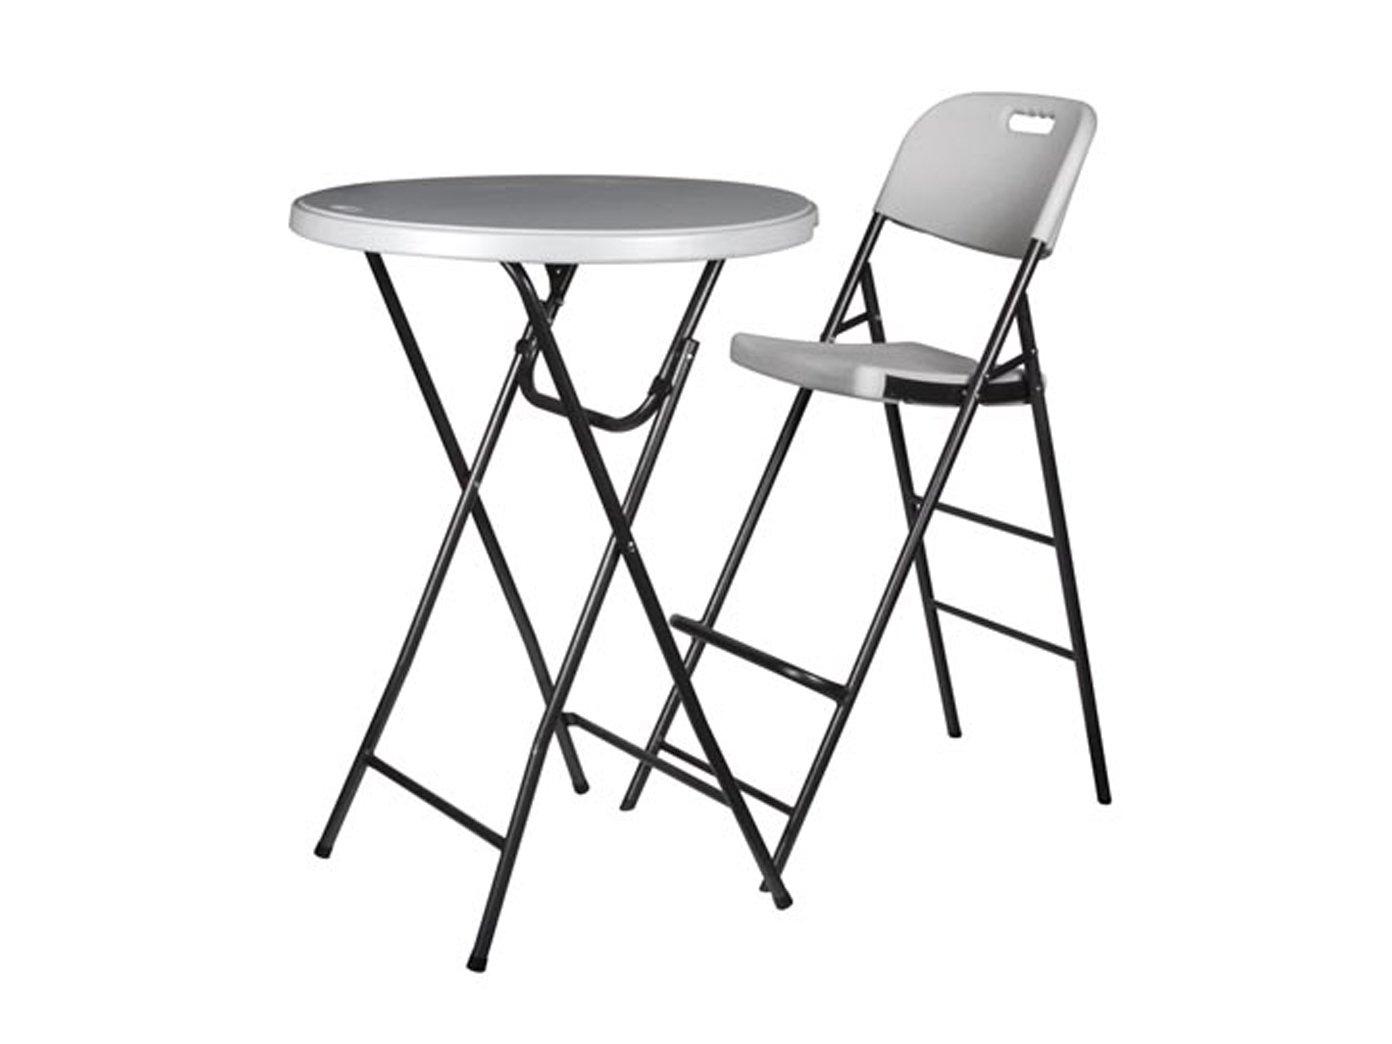 Stabile set tavolo e 2 sgabelli da bar pieghevole bianco altezza